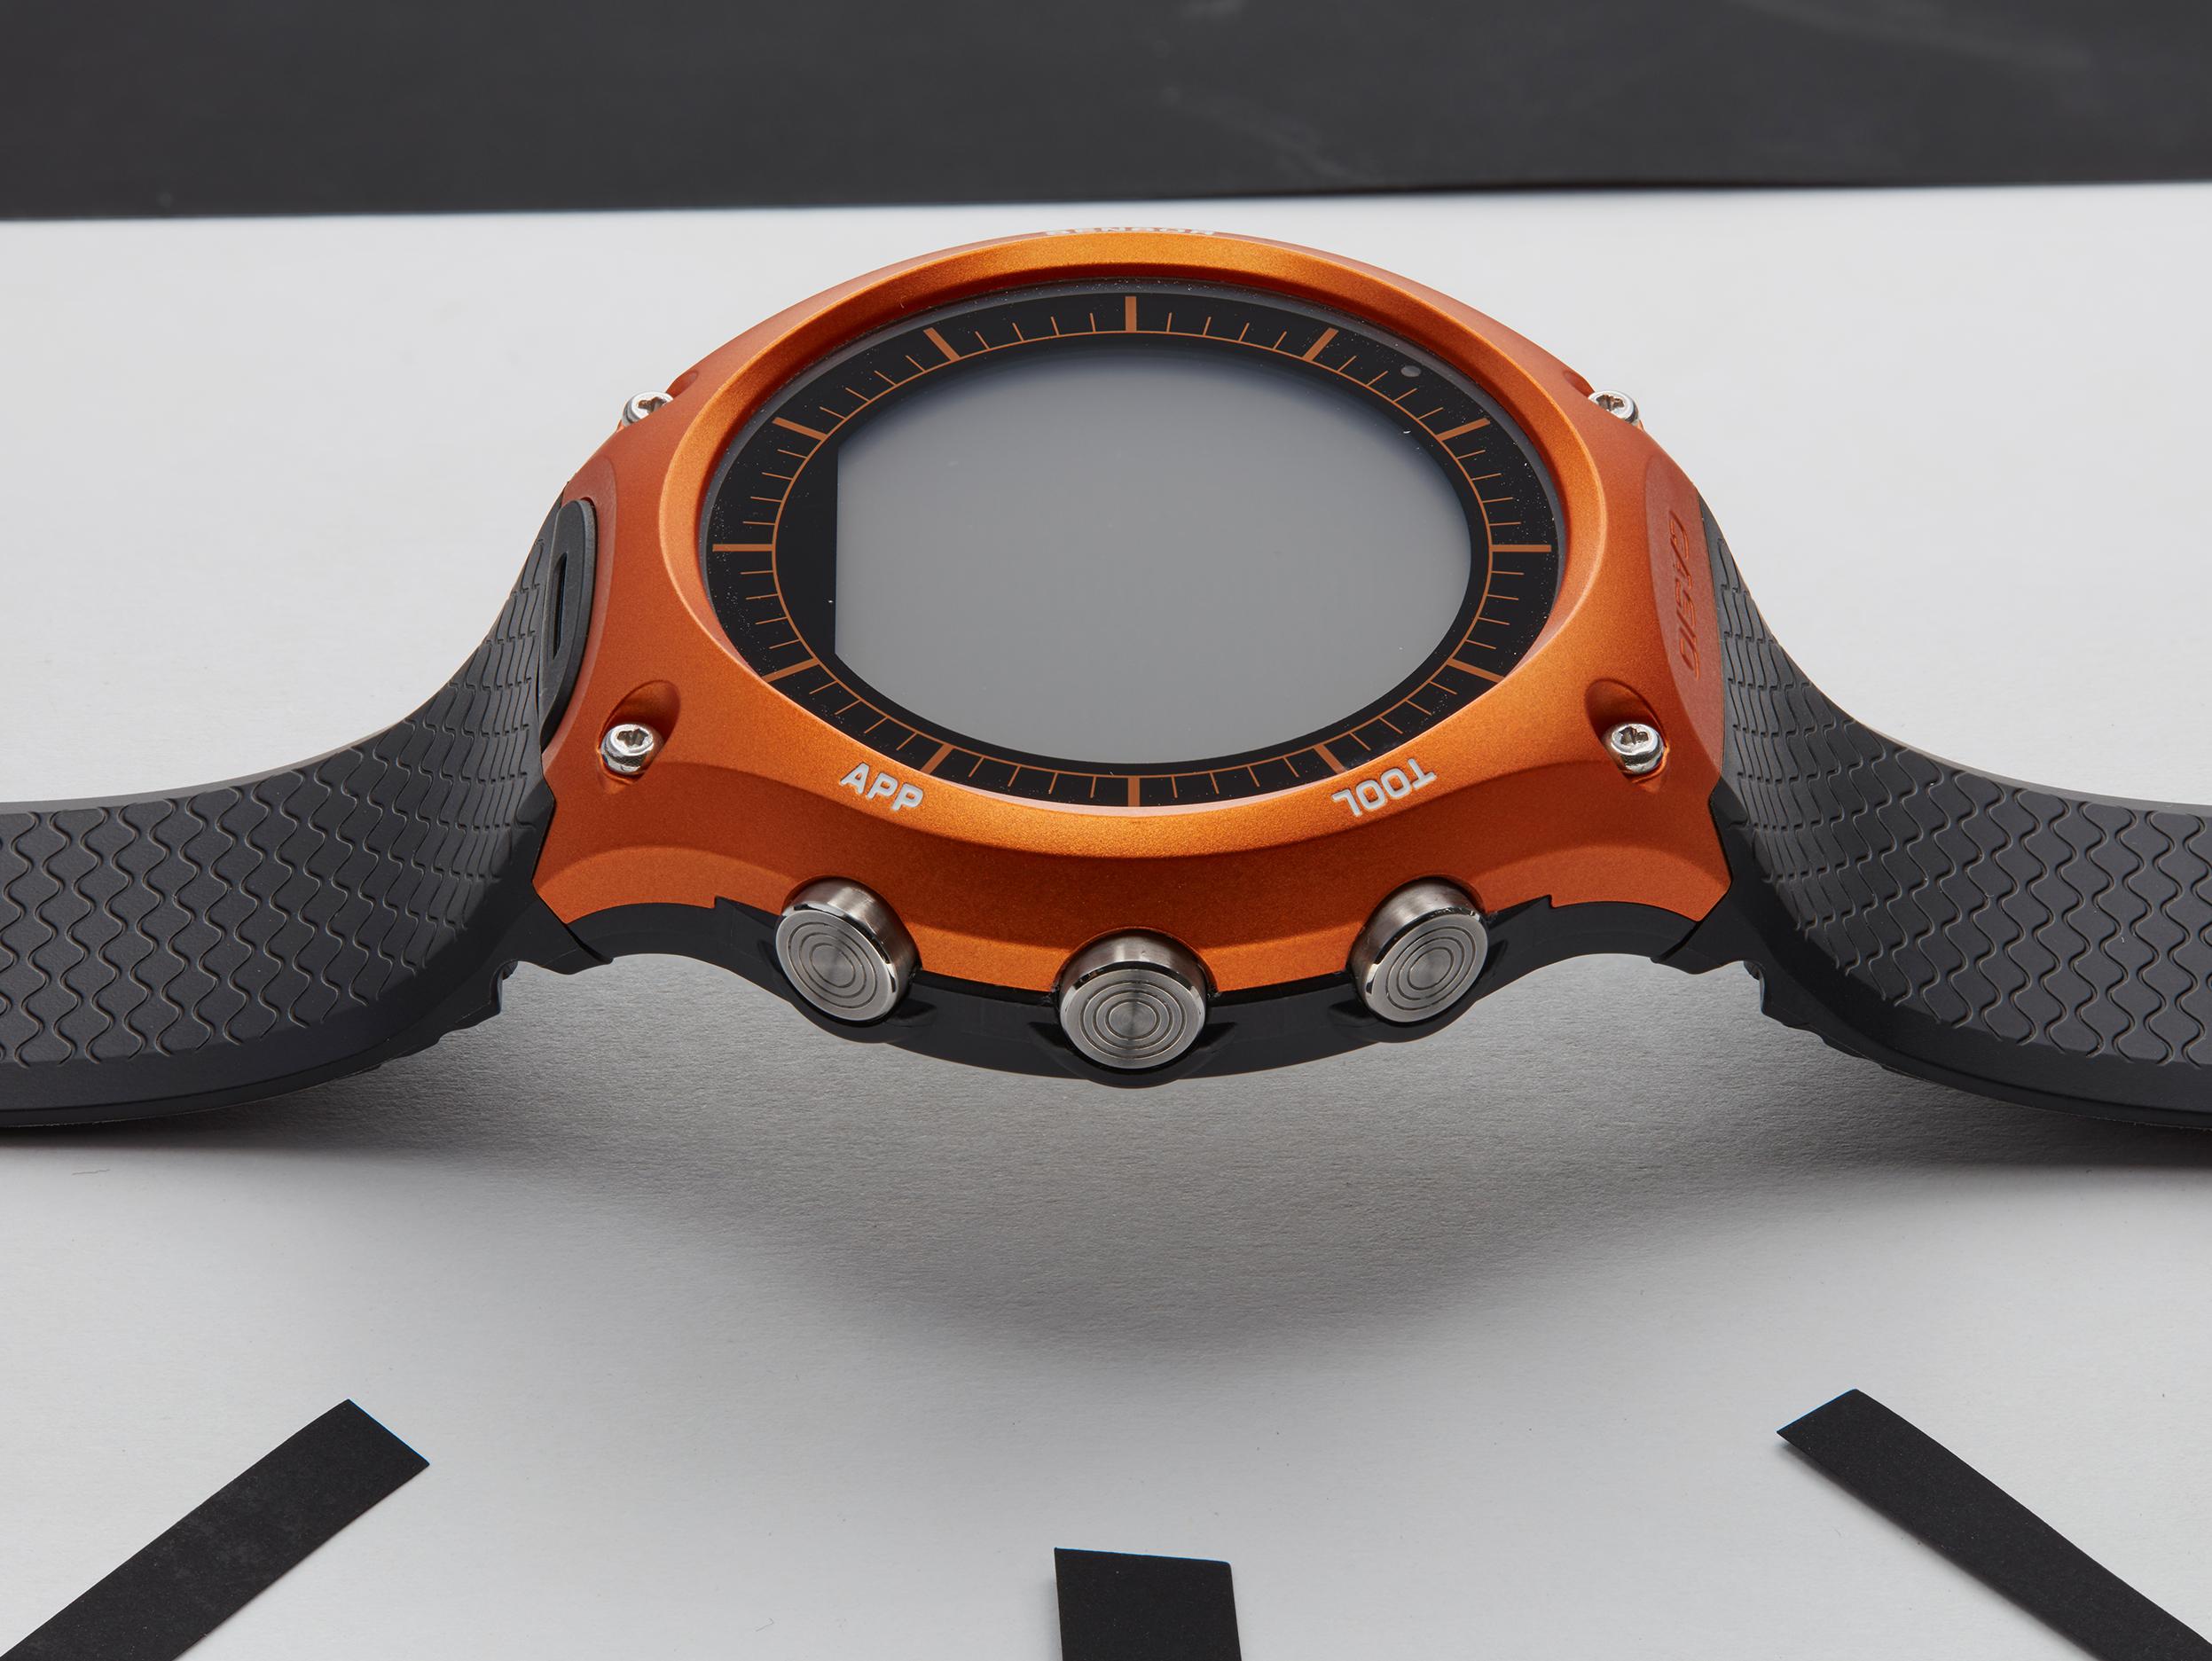 TAF6 - Casio - Watch - Orange - FC - water - uncropped_v5_simp-before.jpg